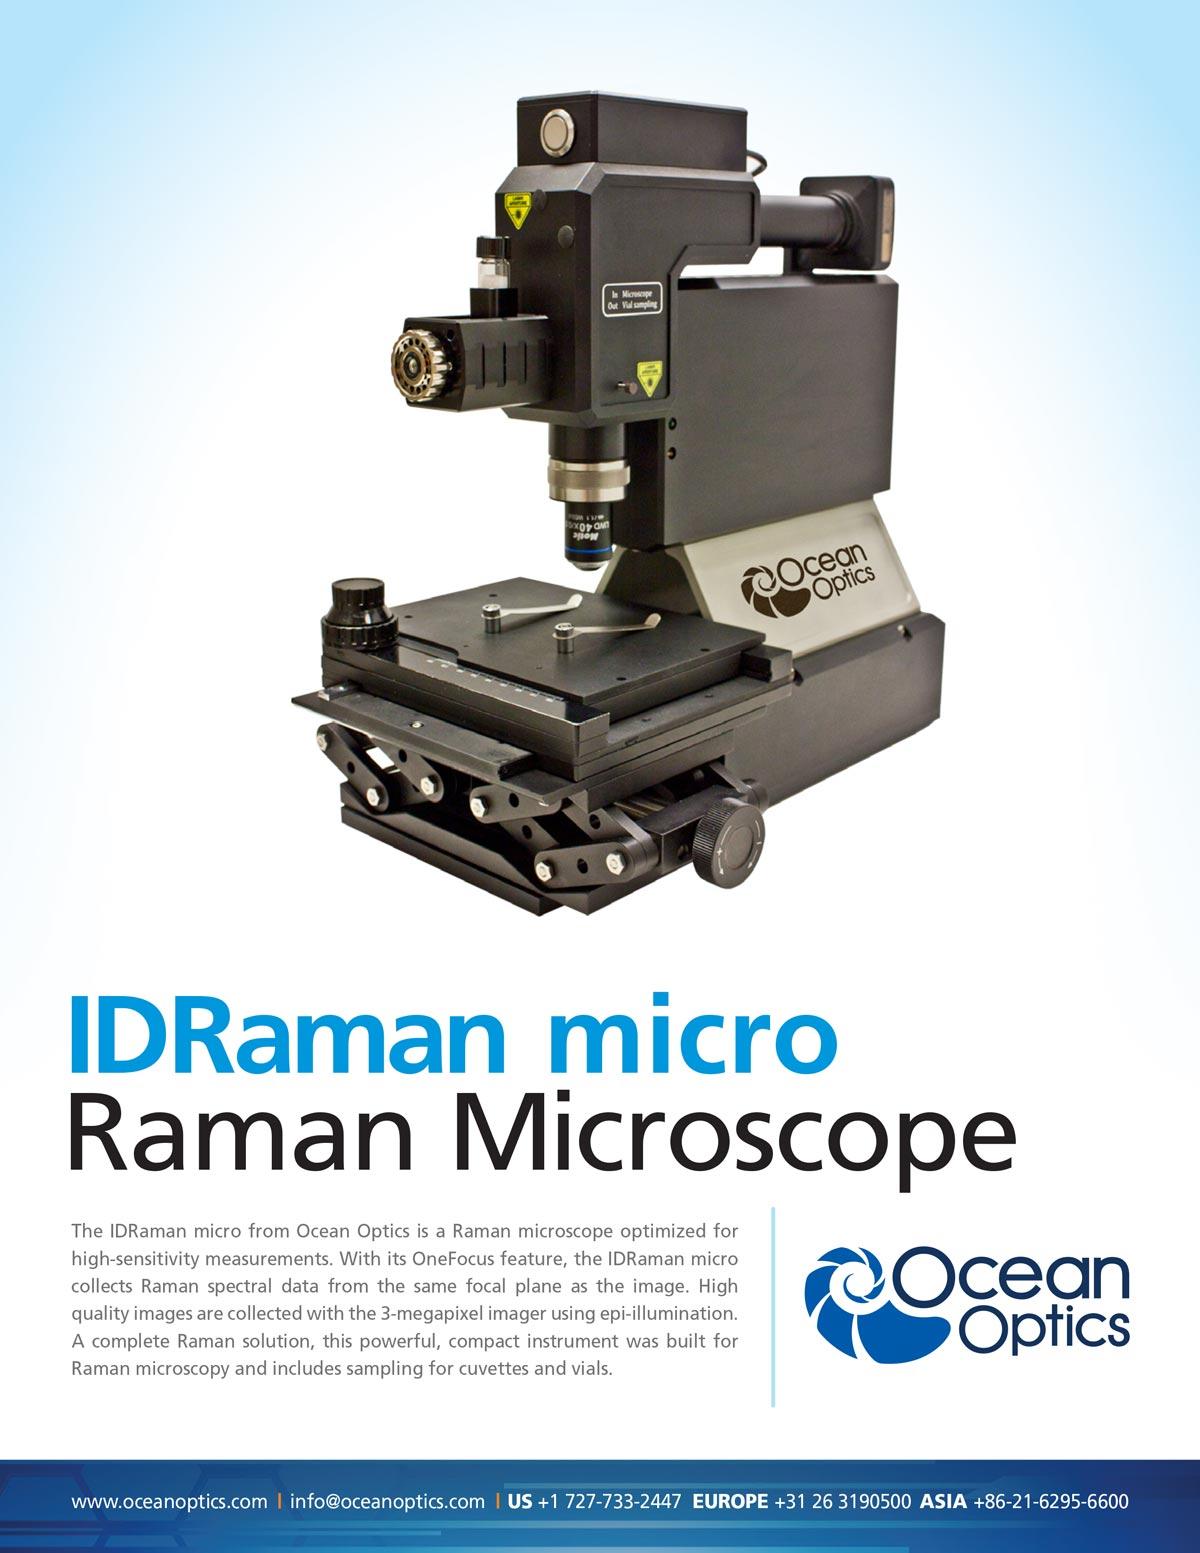 grafx design u0026 digital agency tampa bay florida ocean optics